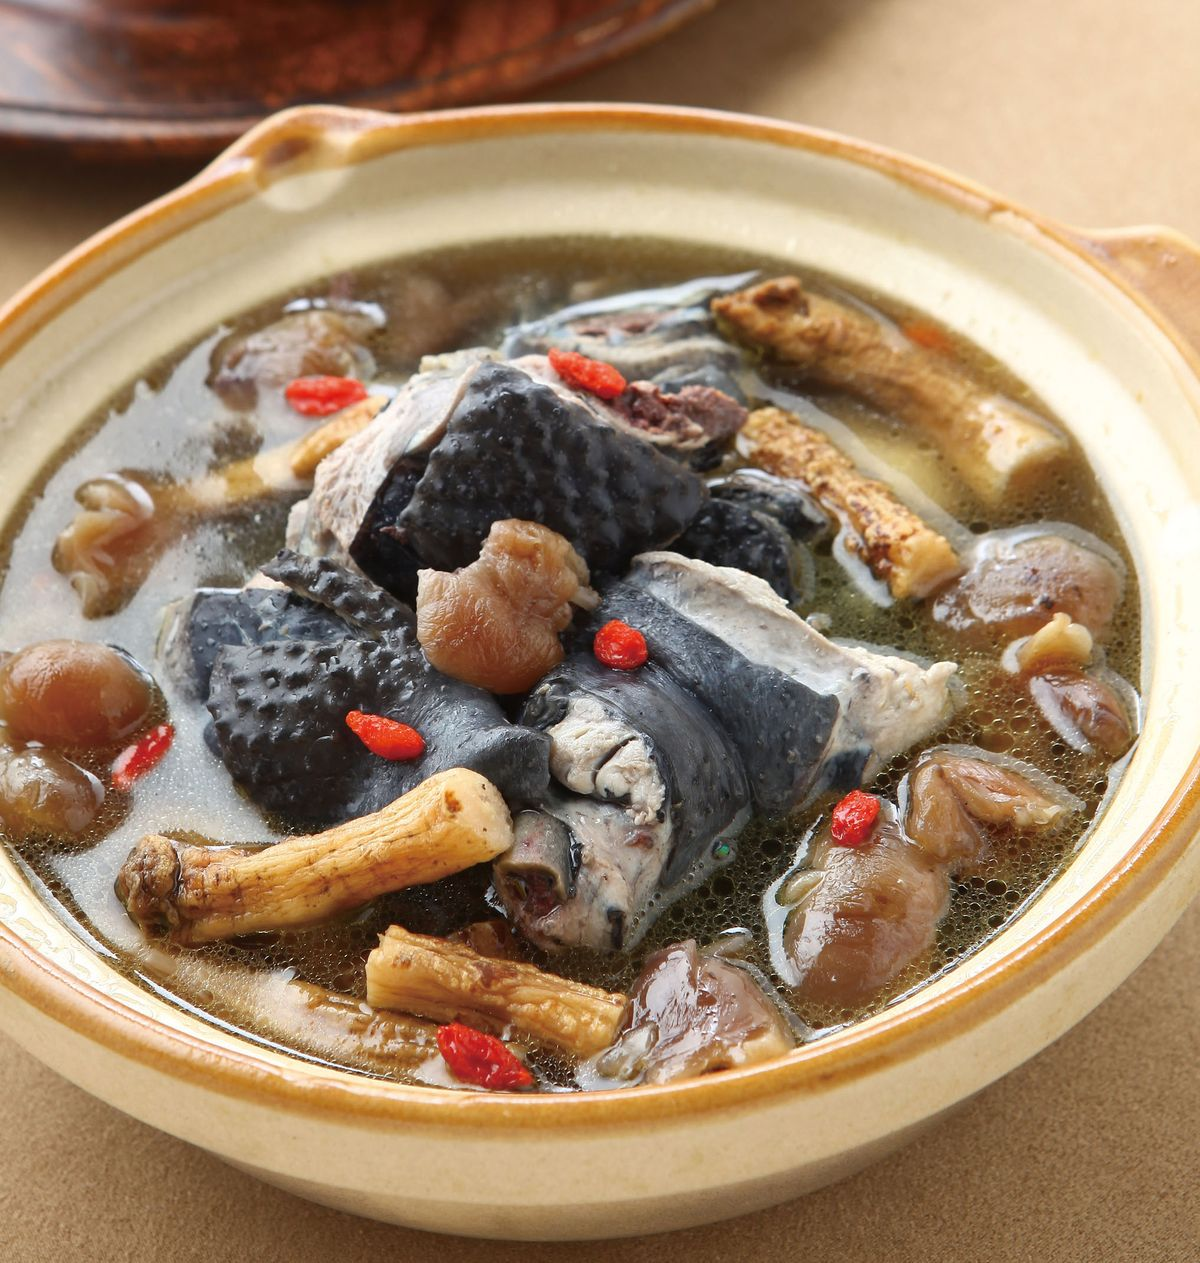 食譜:桂圓黨蔘煲烏雞